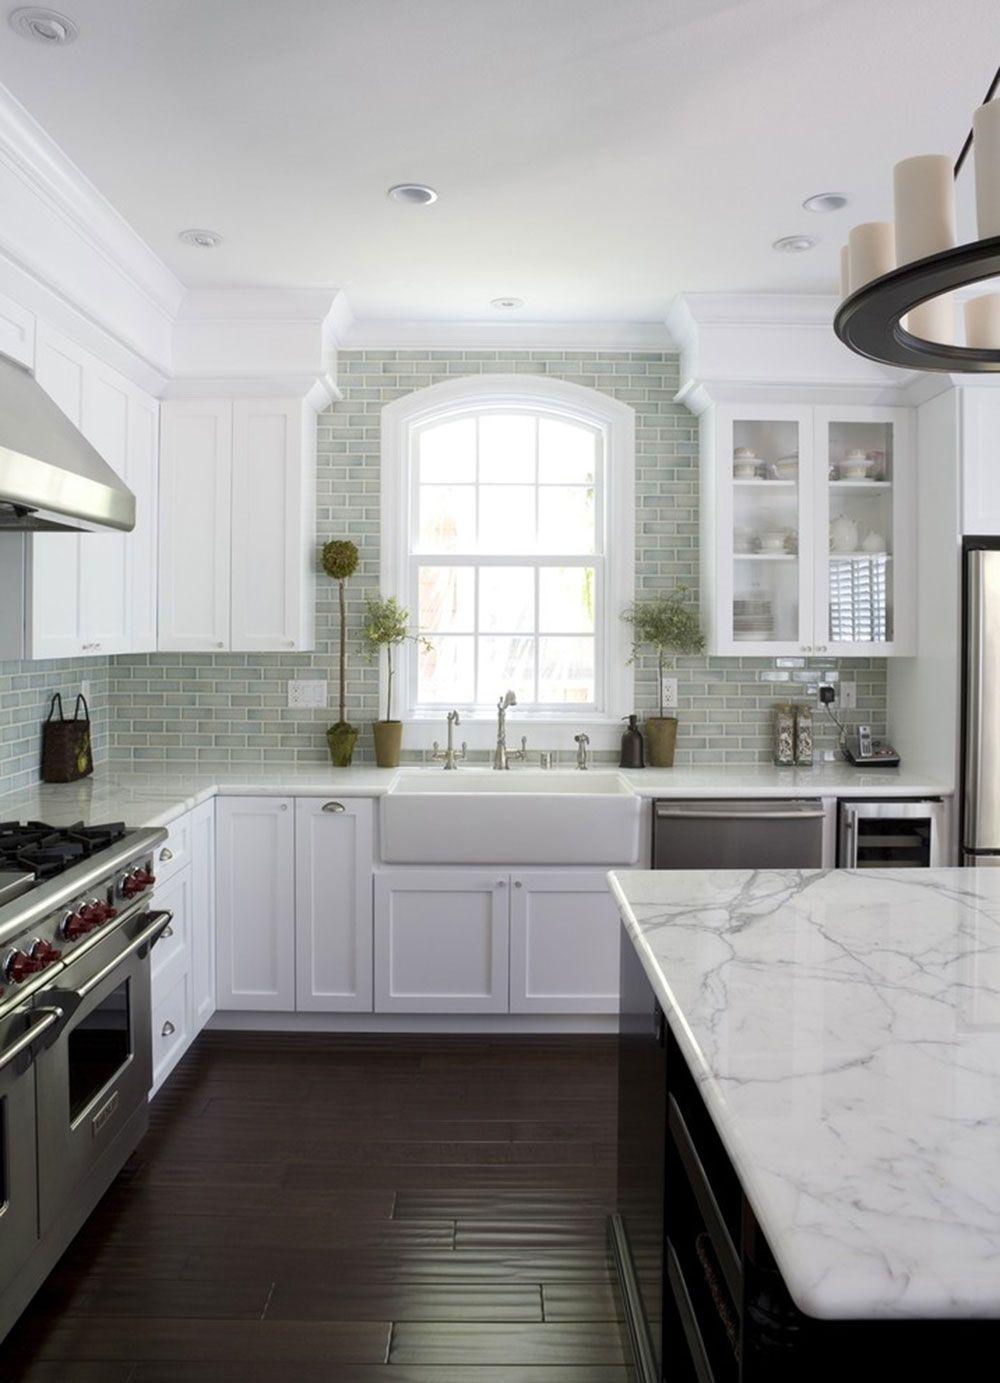 12 dosserets modernes en briques pour rénover votre cuisine ...